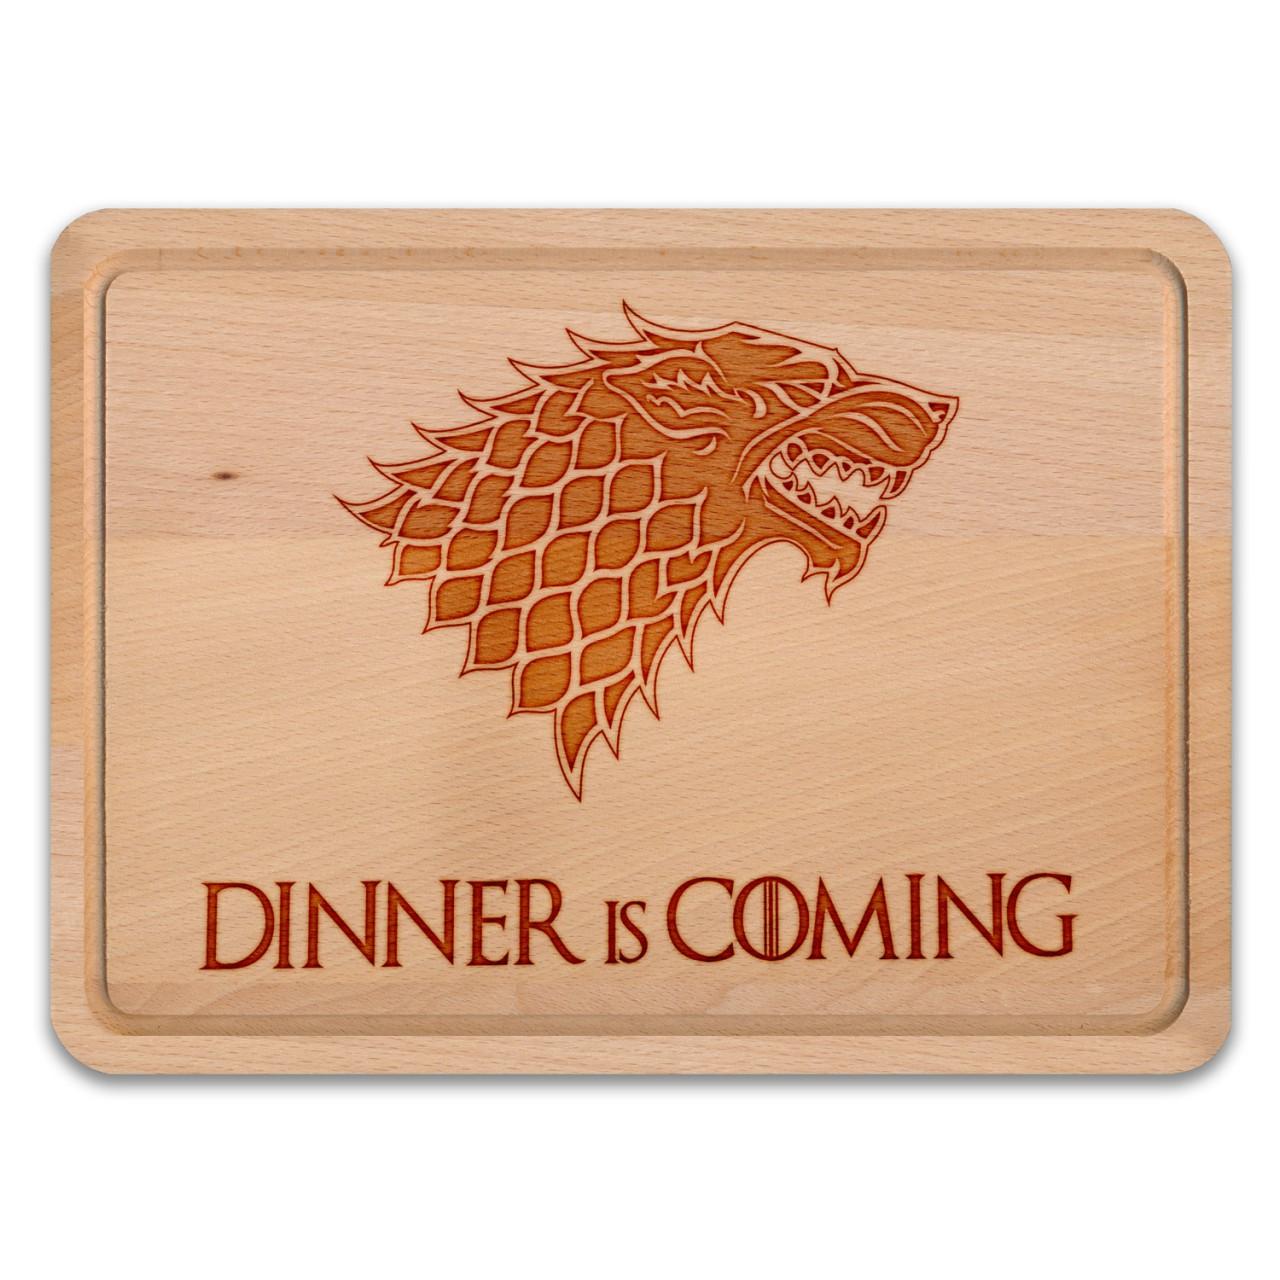 Dinner is coming - Schneidebrett / Frühstücksbrett / Käsebrett inspiriert von Game of Thrones